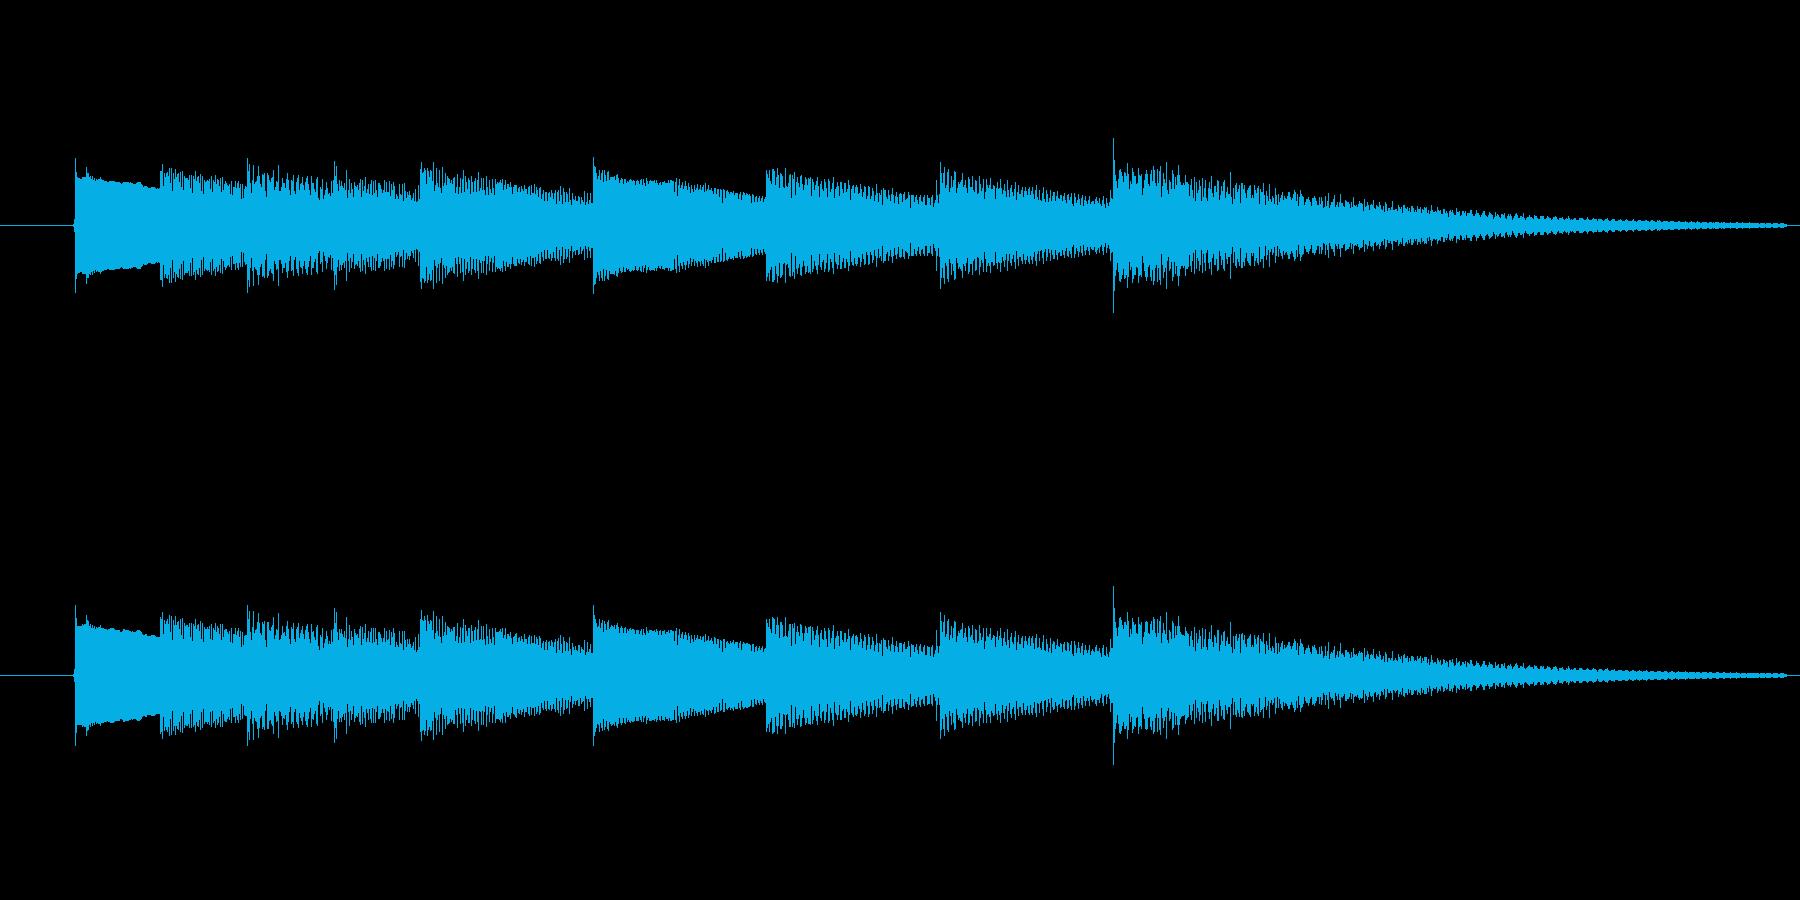 キラキラ輝きのあるベル音の3秒サウンドの再生済みの波形